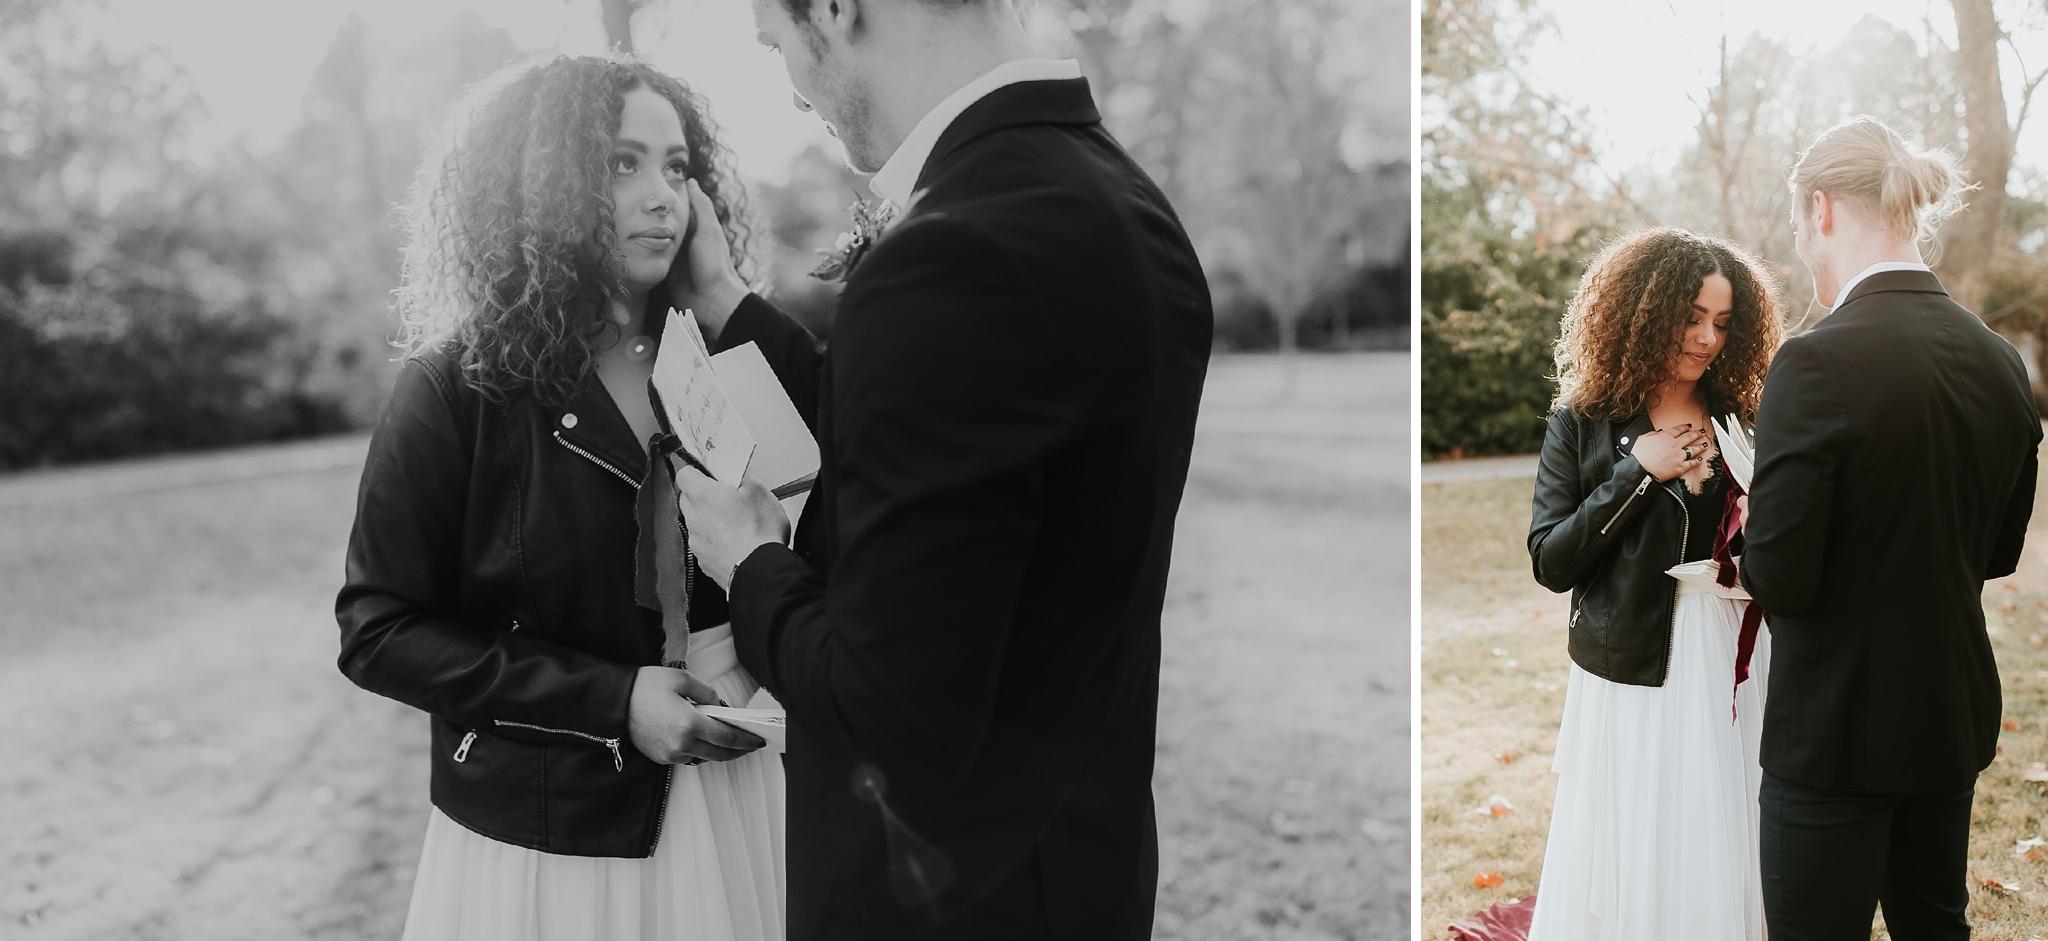 Alicia+lucia+photography+-+albuquerque+wedding+photographer+-+santa+fe+wedding+photography+-+new+mexico+wedding+photographer+-+new+mexico+wedding+-+wedding+vows+-+writing+your+own+vows+-+wedding+inspo_0039.jpg